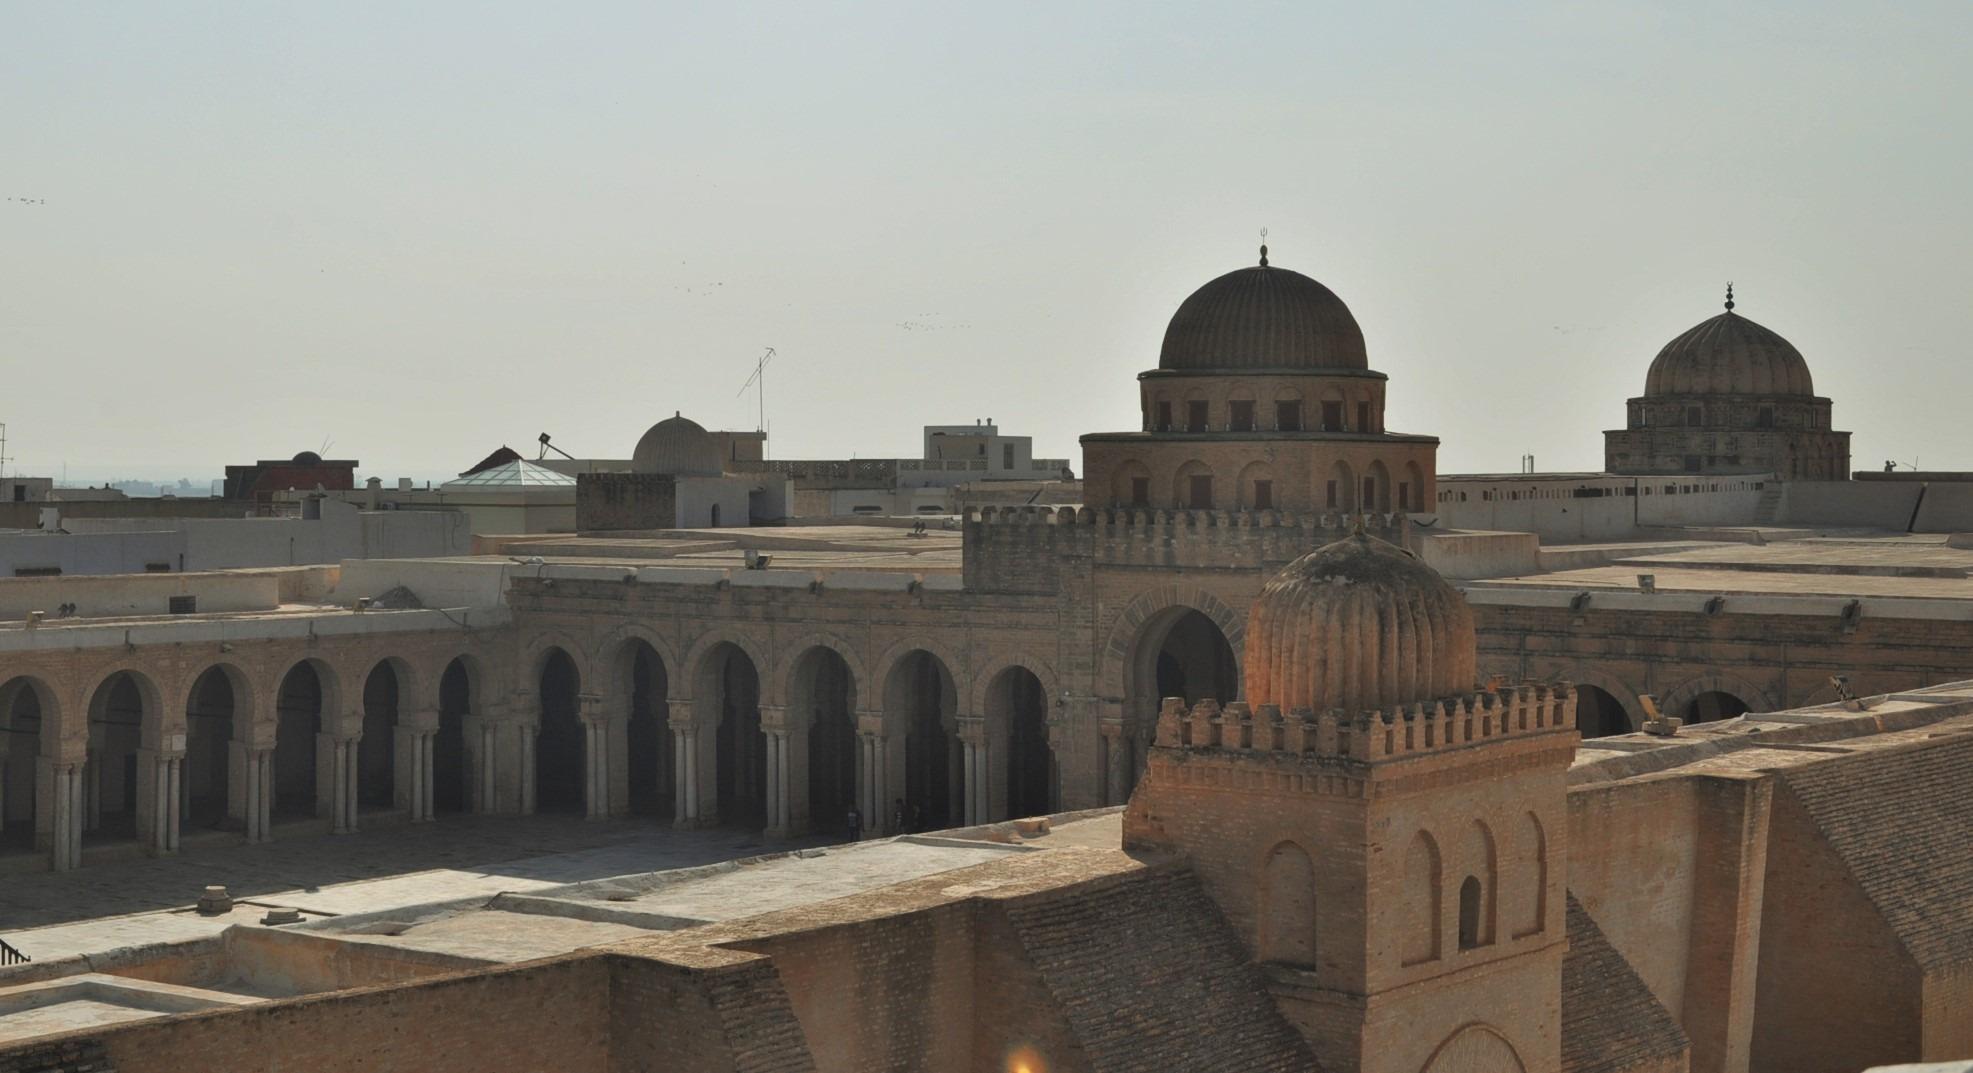 Керуан - първият мюсюлмански град в Северна Африка, основан през 15-16 век